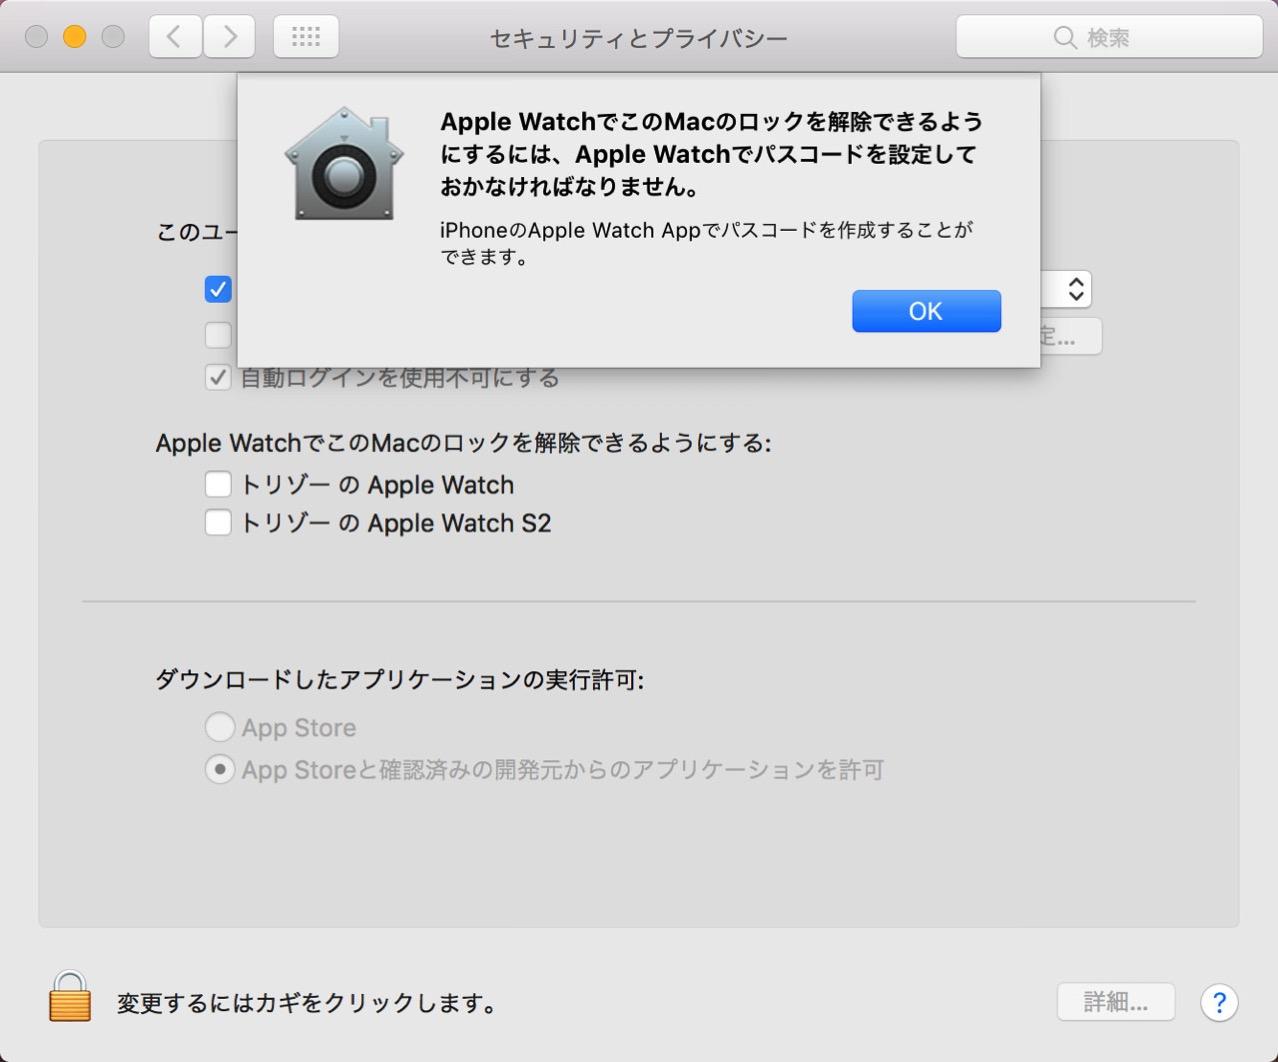 Apple Watch にパスコードを設定する